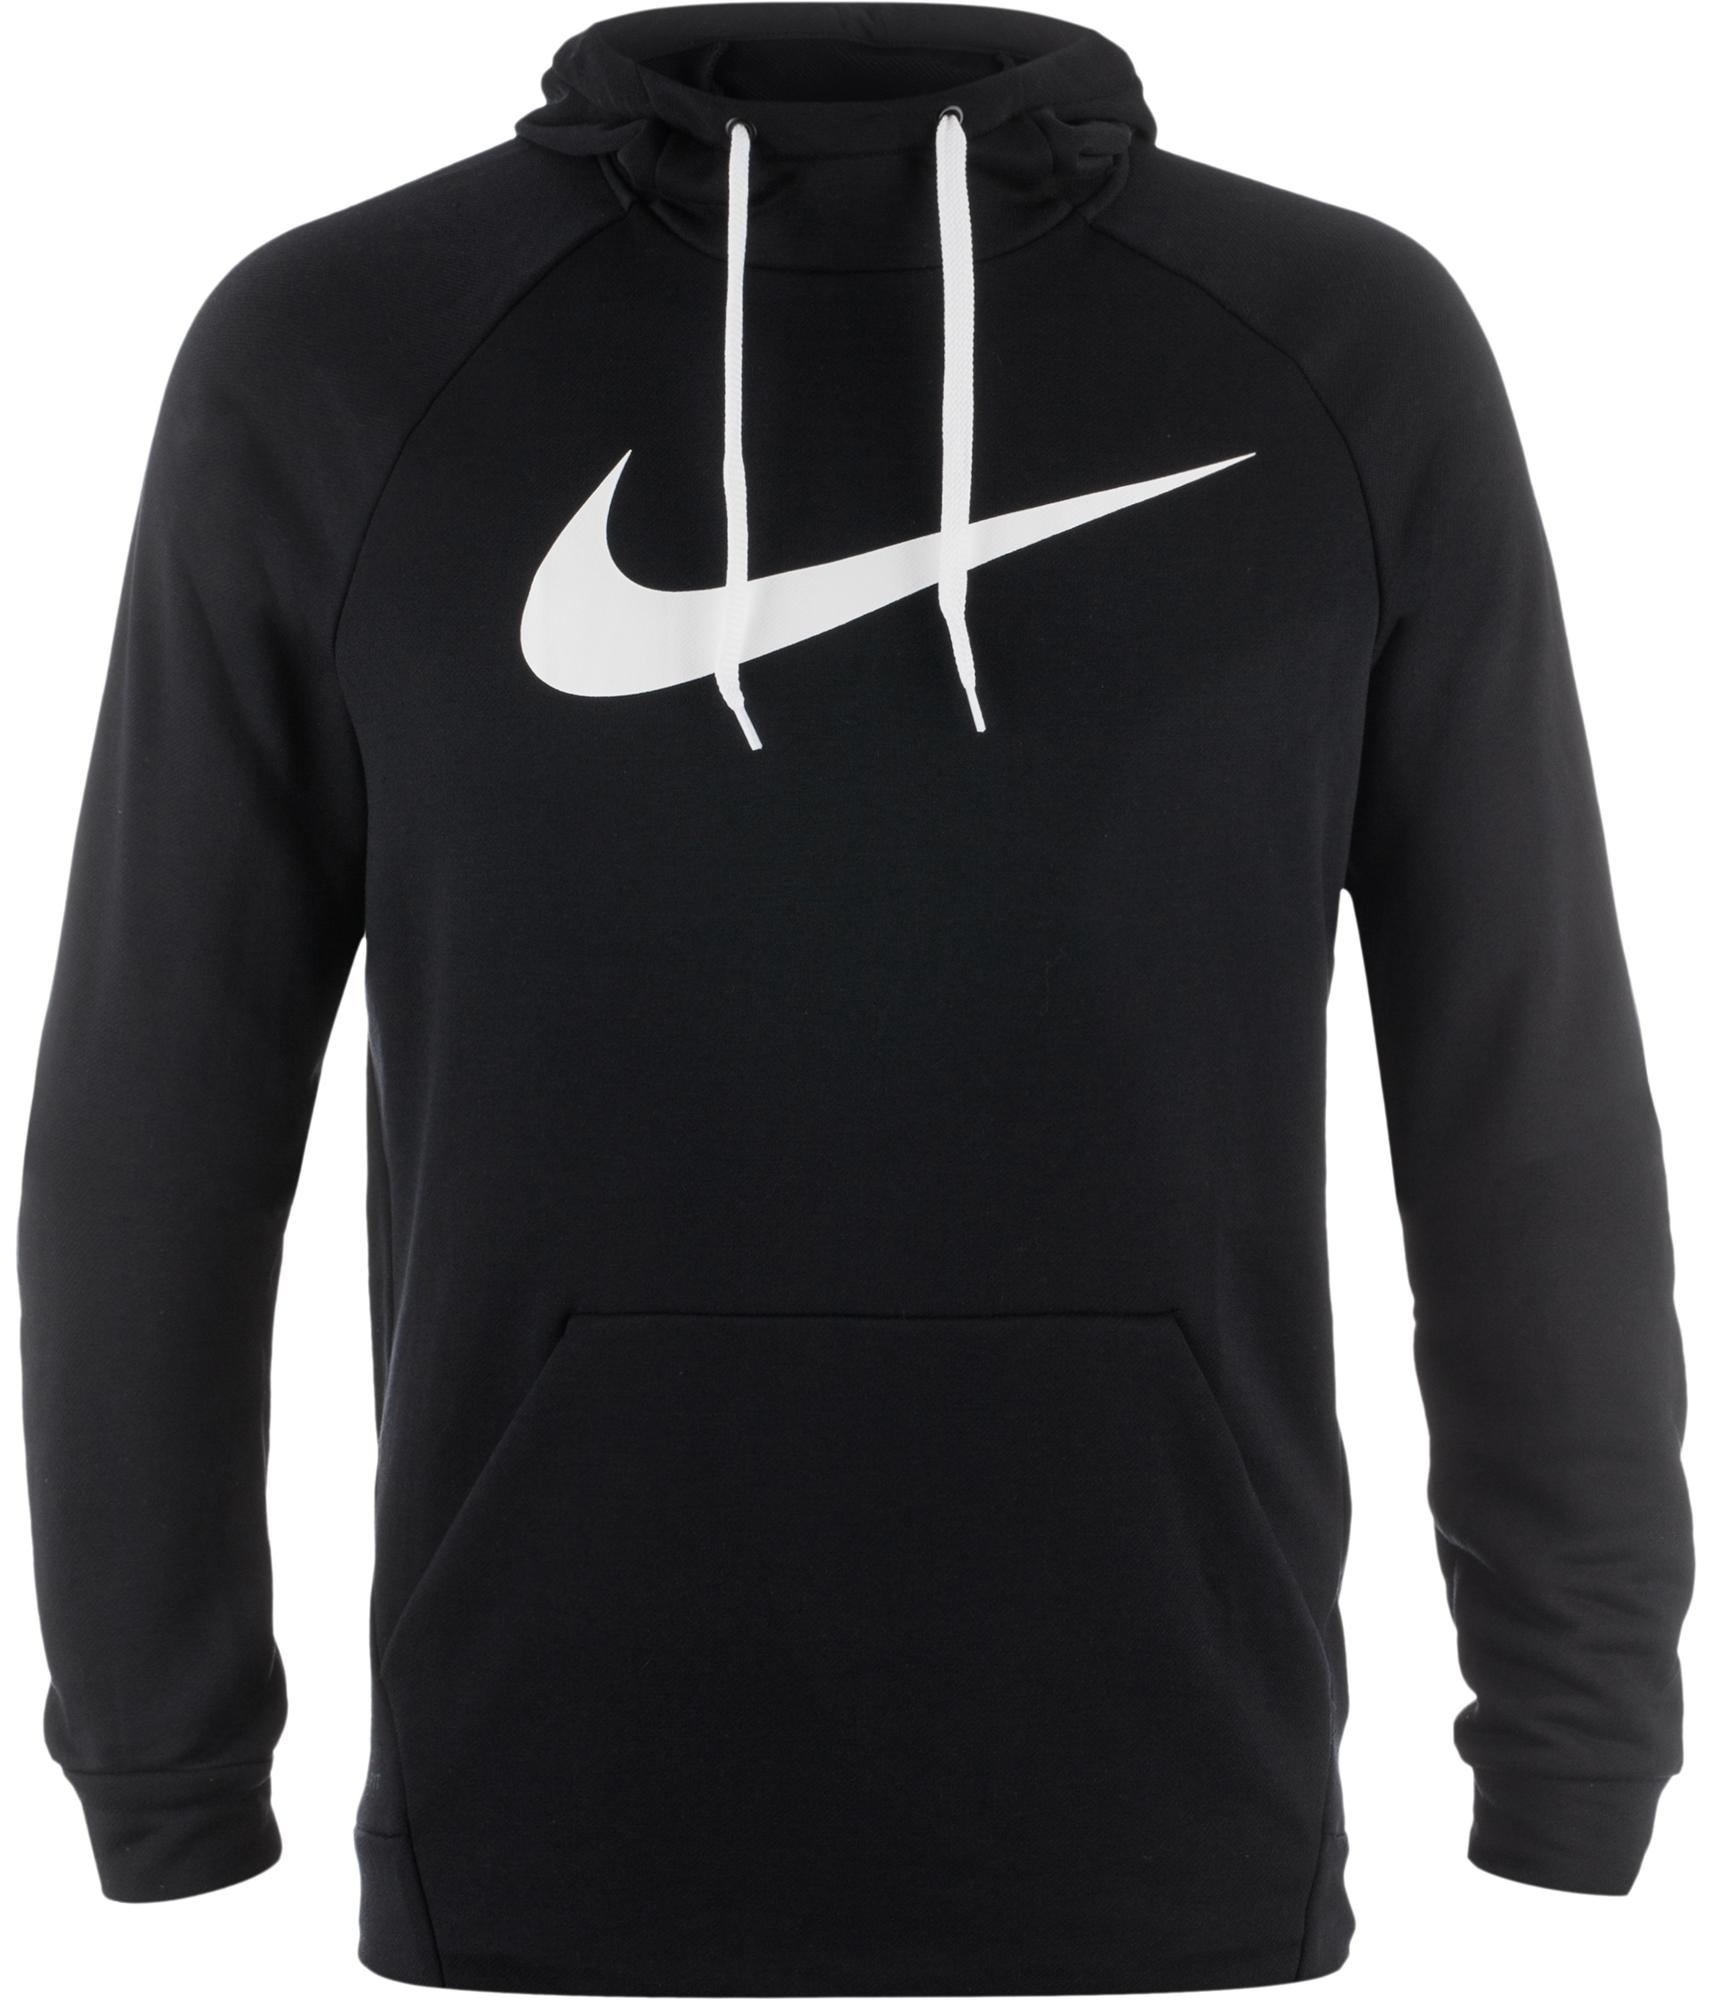 Nike Худи мужская Nike Dry, размер 52-54 все цены